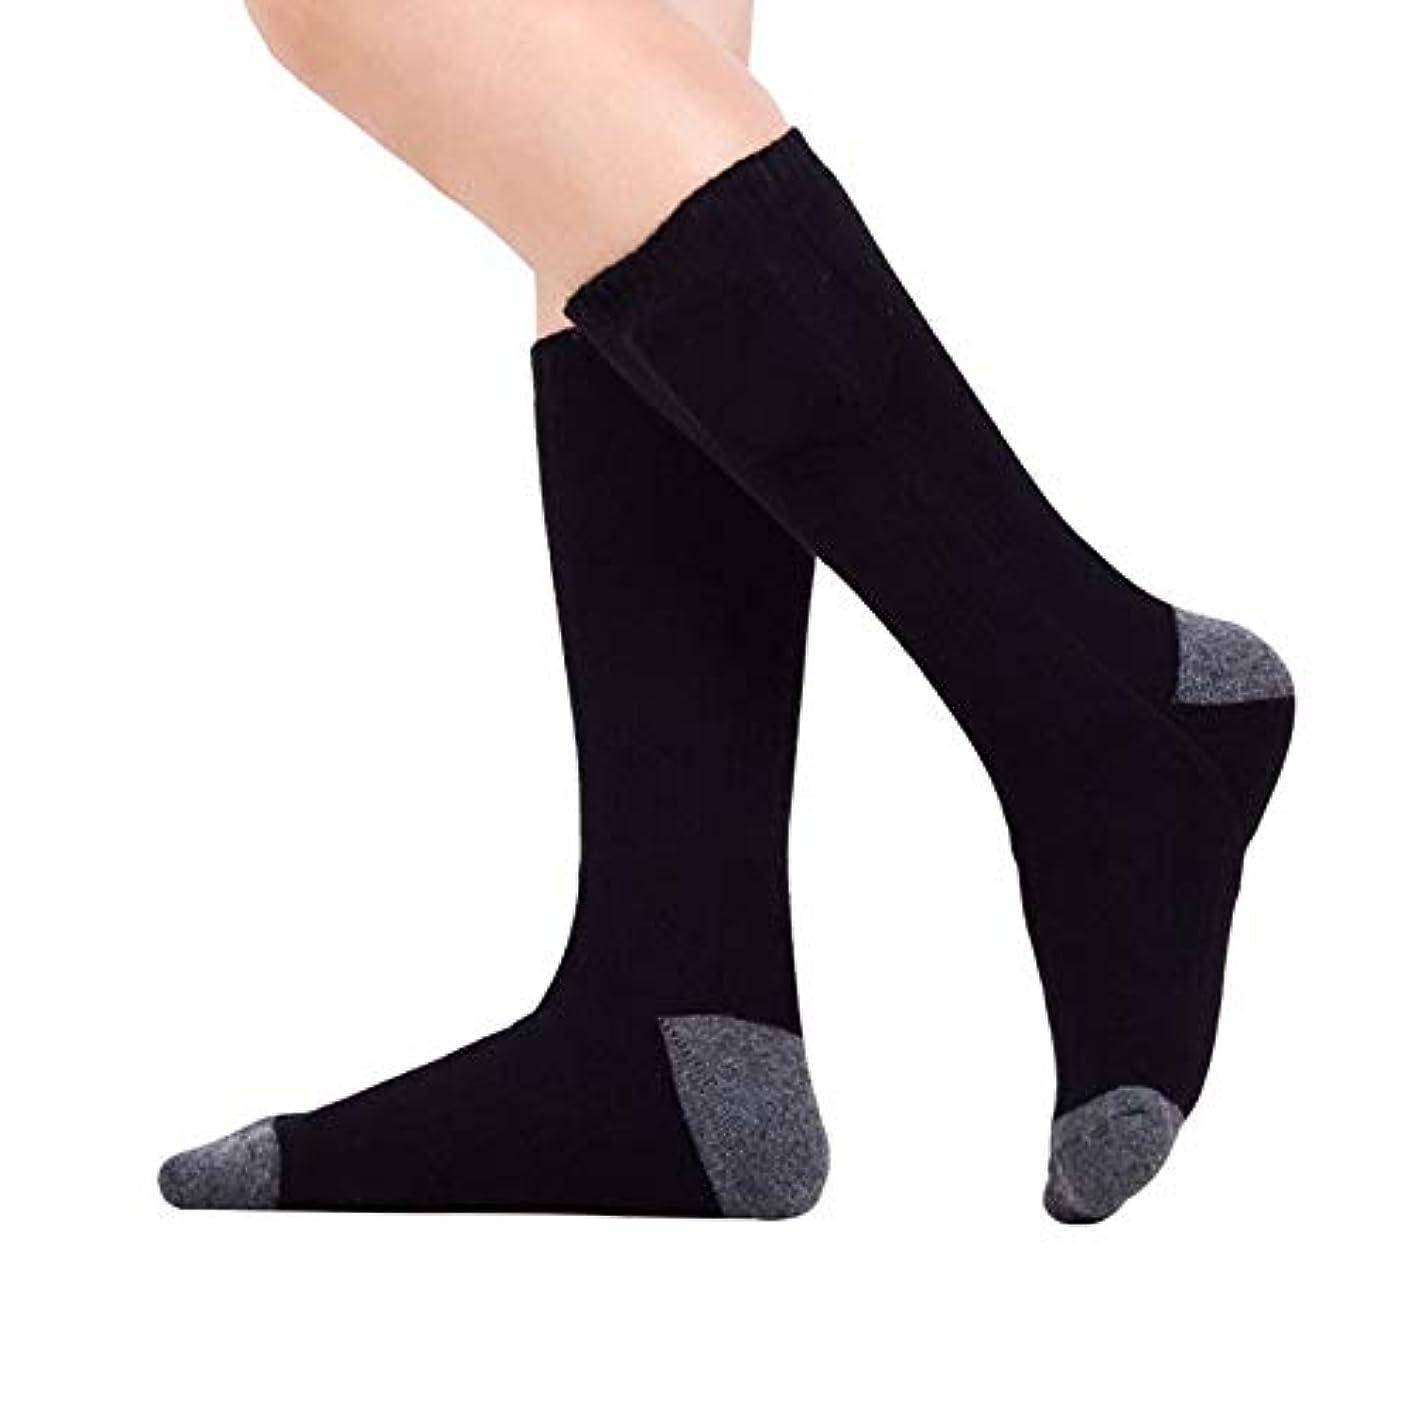 数字ごみ見る温度調節可能なリチウム電池暖かい靴下を加熱する男性と女性を加熱する暖かい靴下を充電する暖かいホットソックス-ブラック